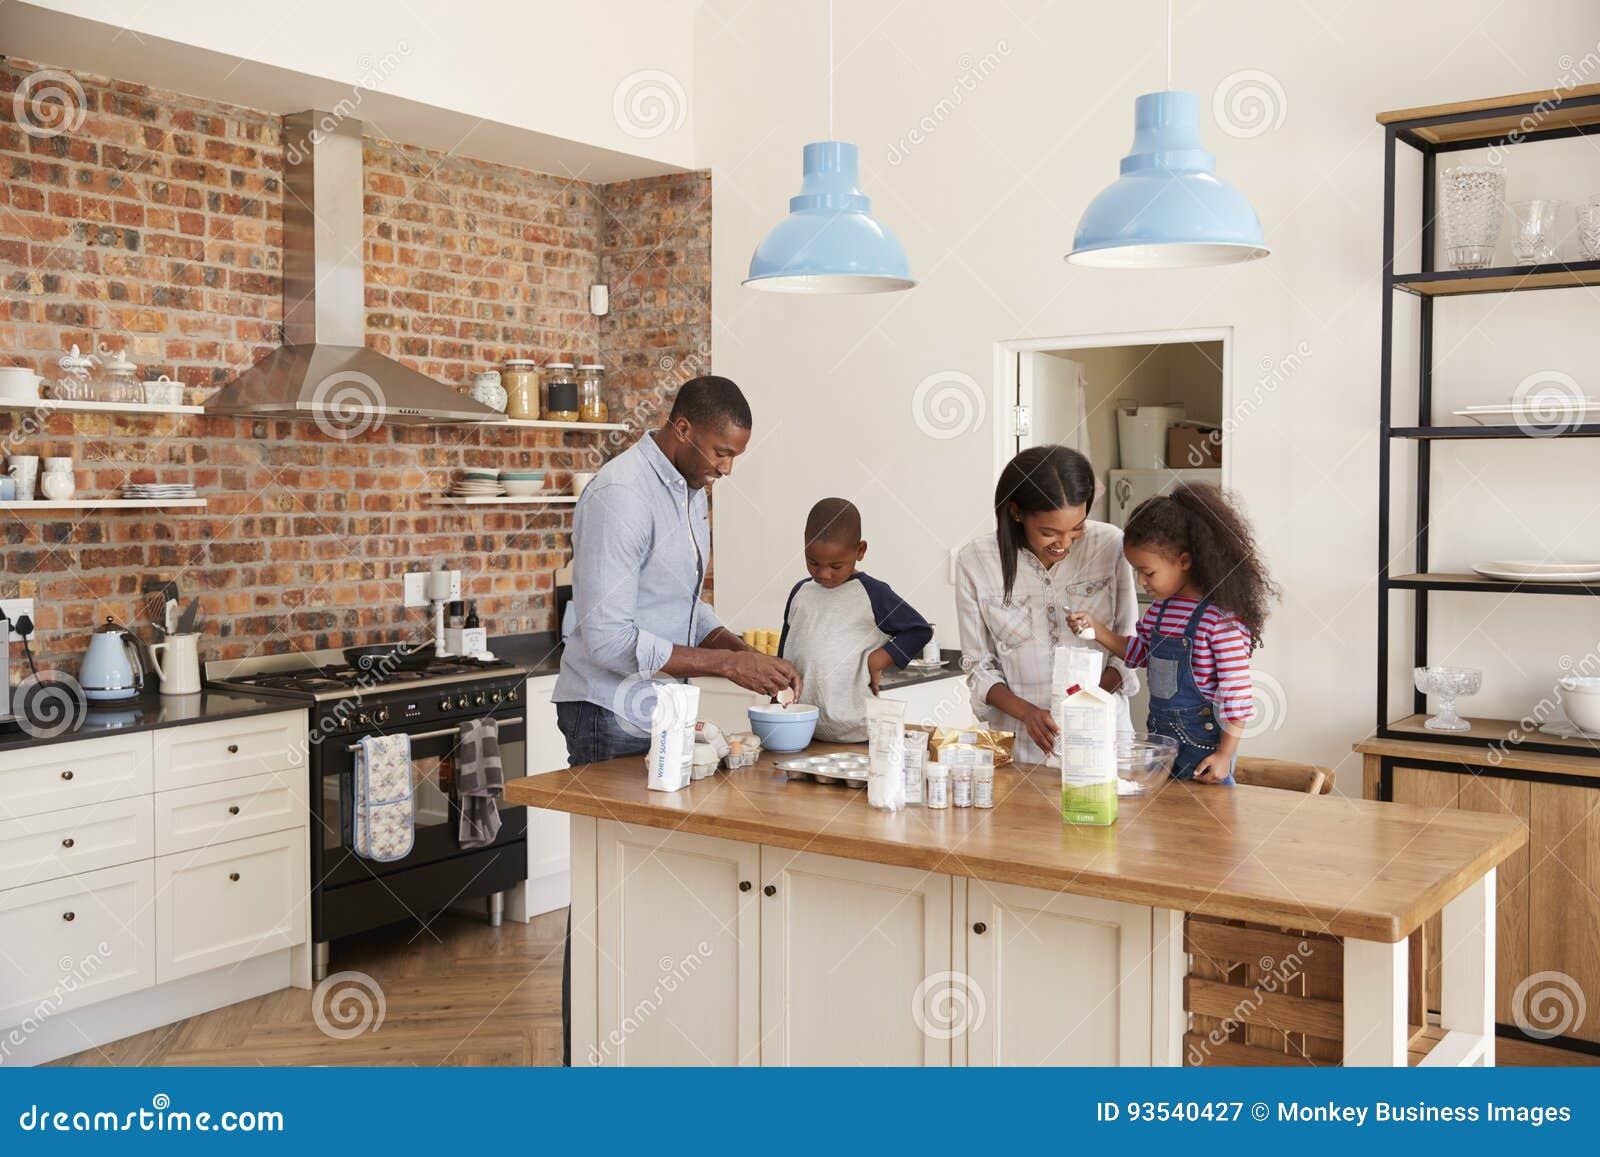 Keuken Voor Kinderen : Ouders en kinderen die cakes in keuken samen bakken stock